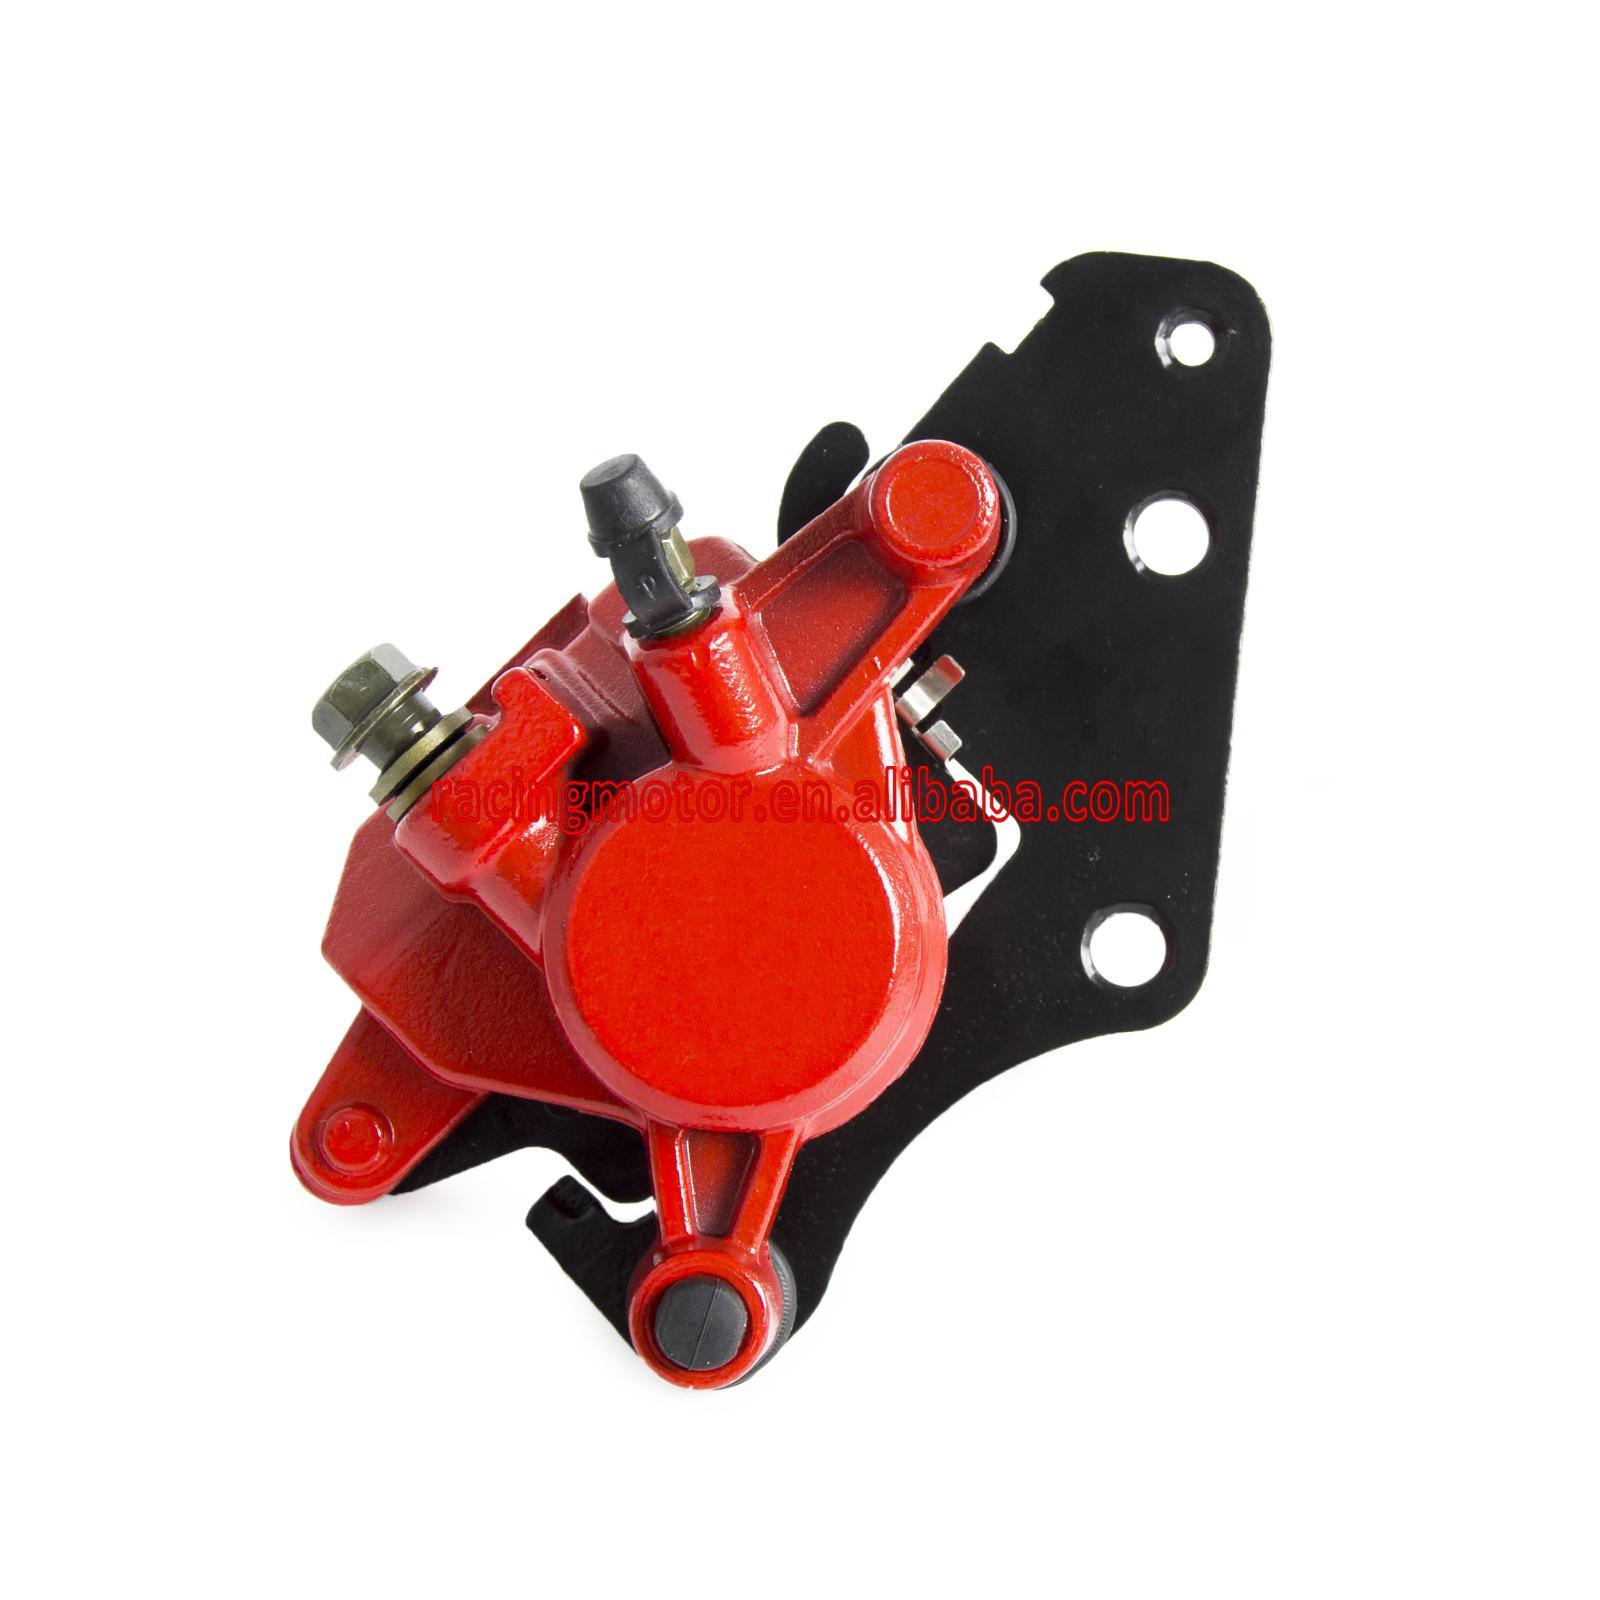 Тормозной суппорт в сборе с колодками для YAMAHA XC125E 32Р-F580U-11-00